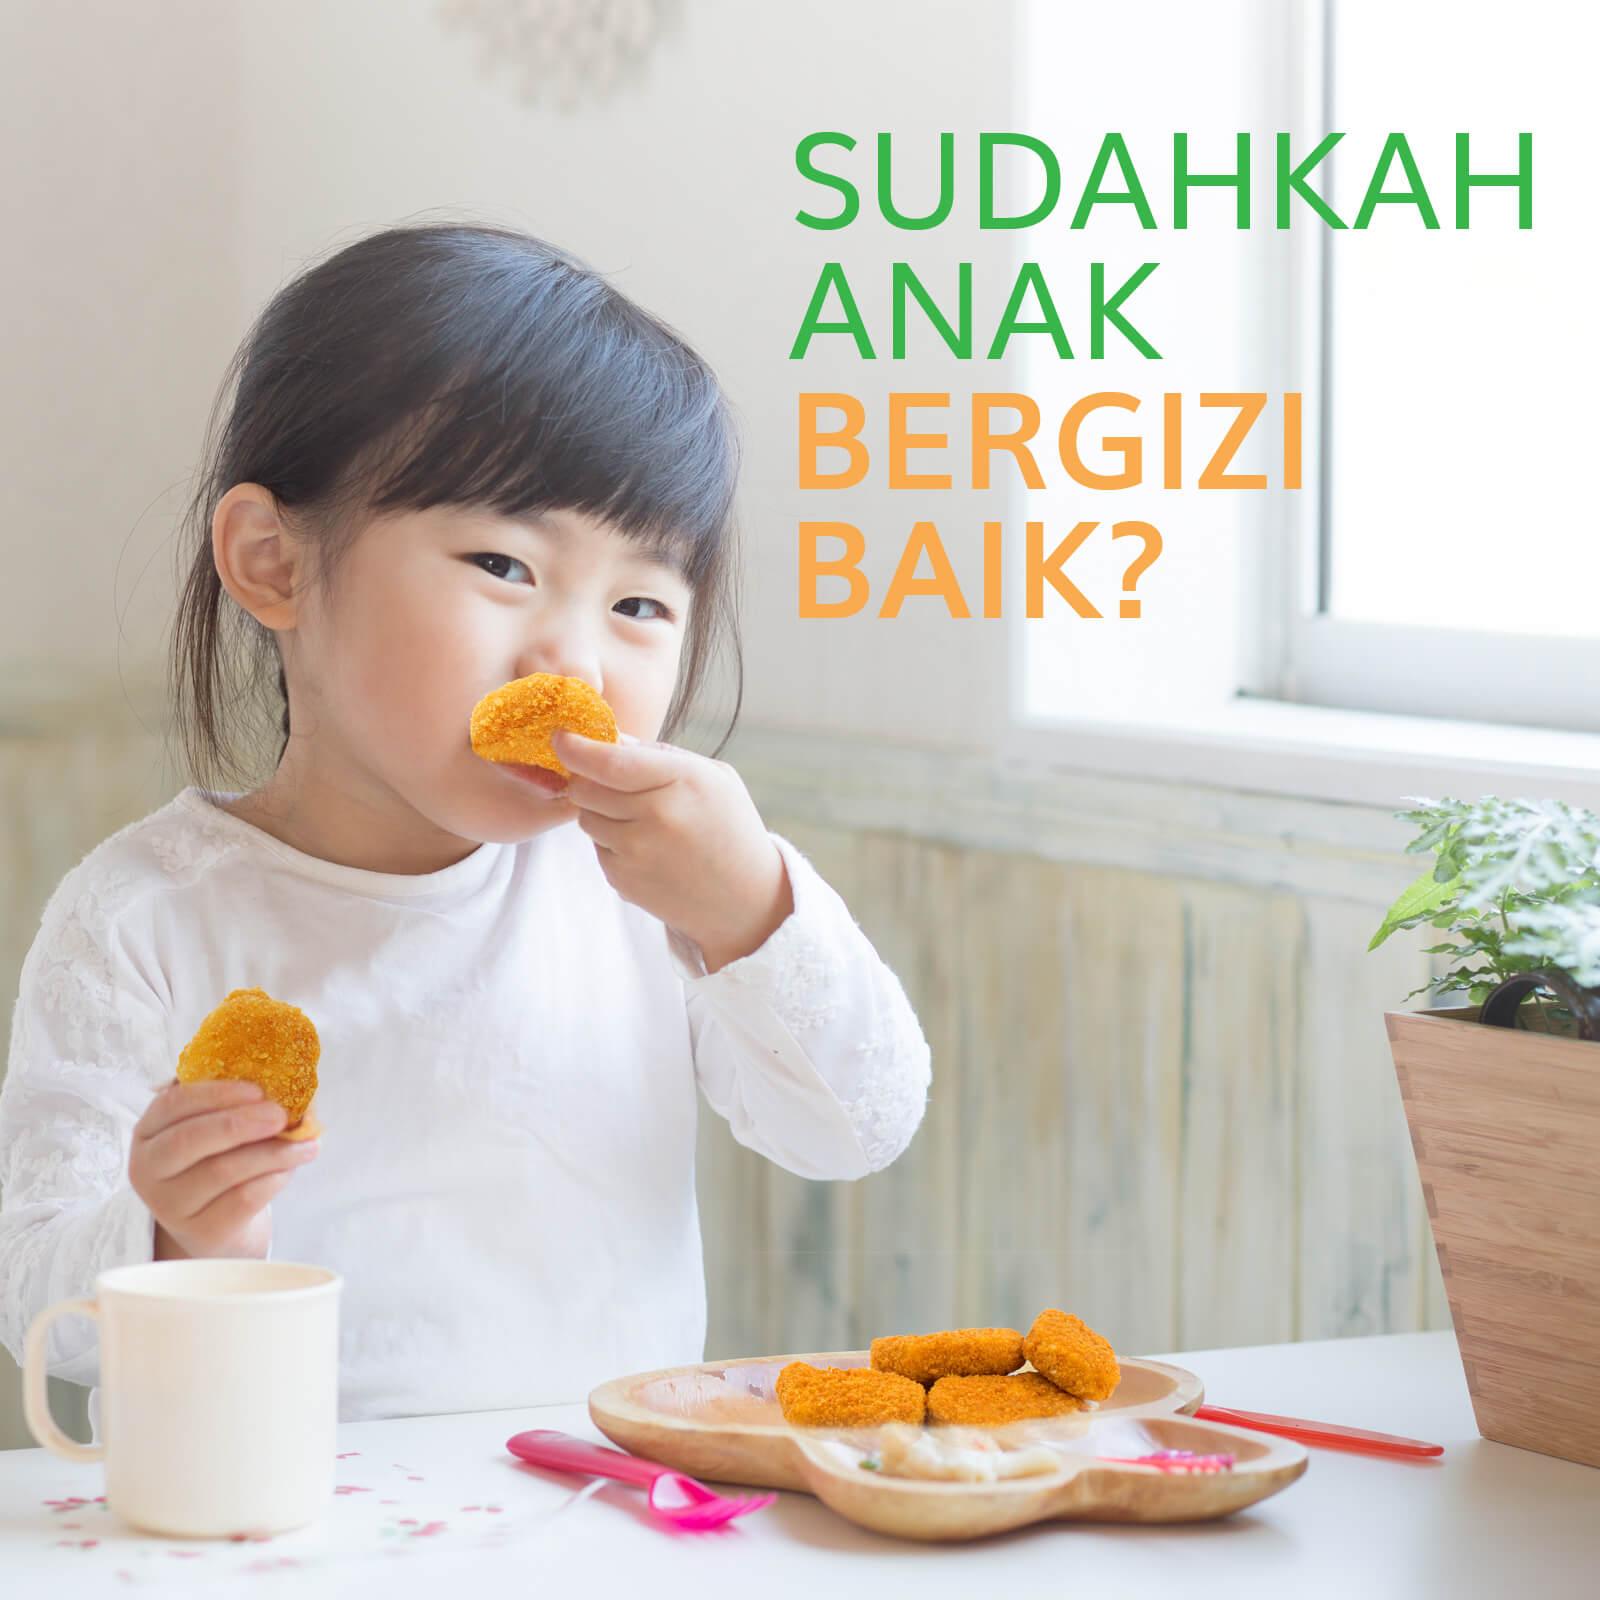 Image SUDAHKAH ANAK BERGIZI BAIK?